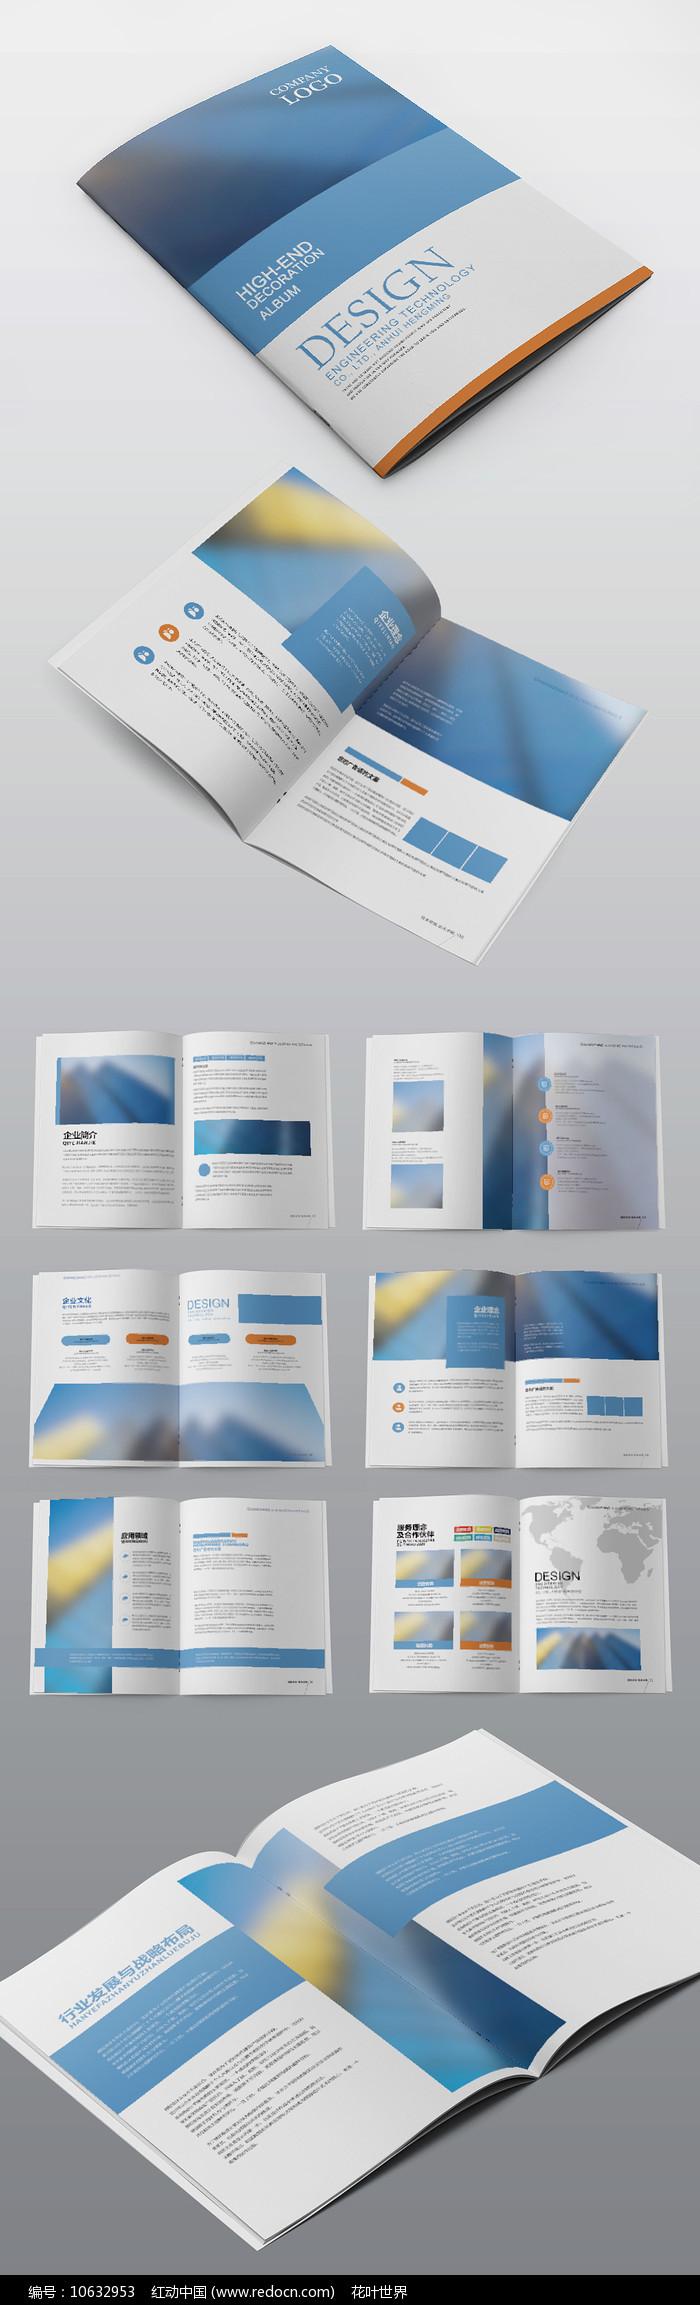 蓝色现代商务现代产品招商企业画册图片